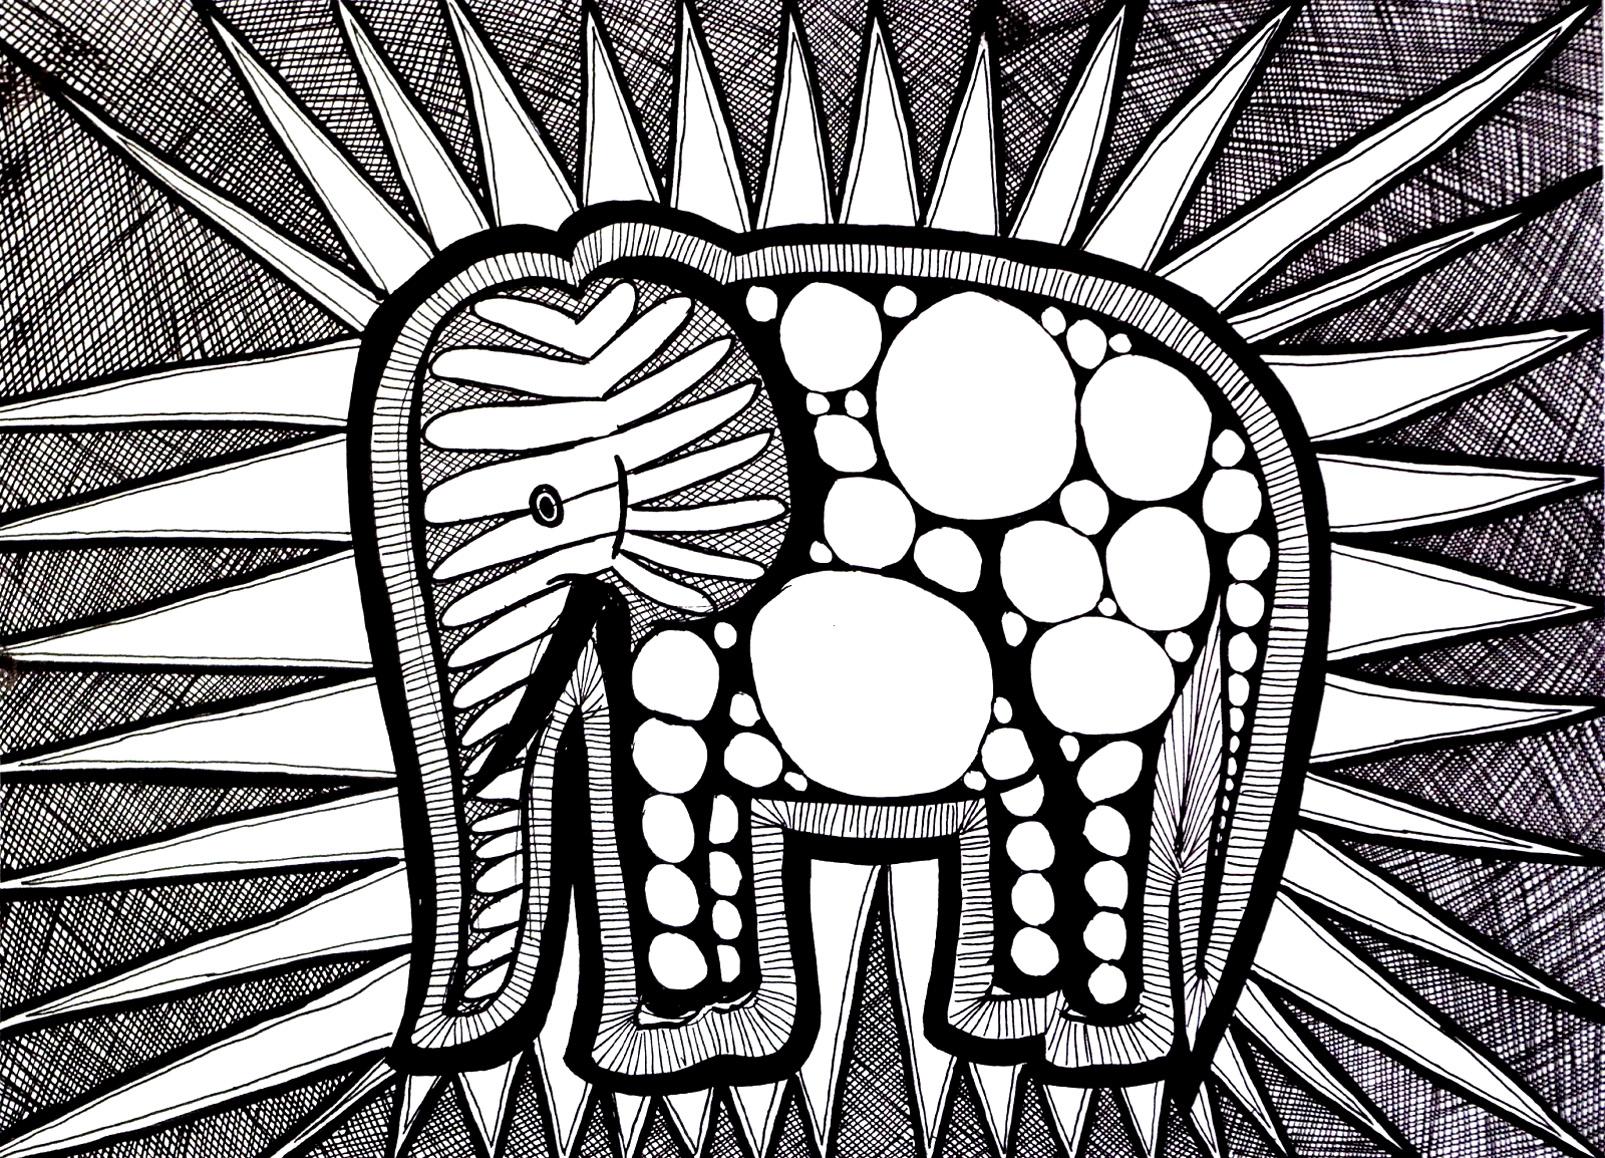 Disegni da colorare per adulti : Elefanti - 5